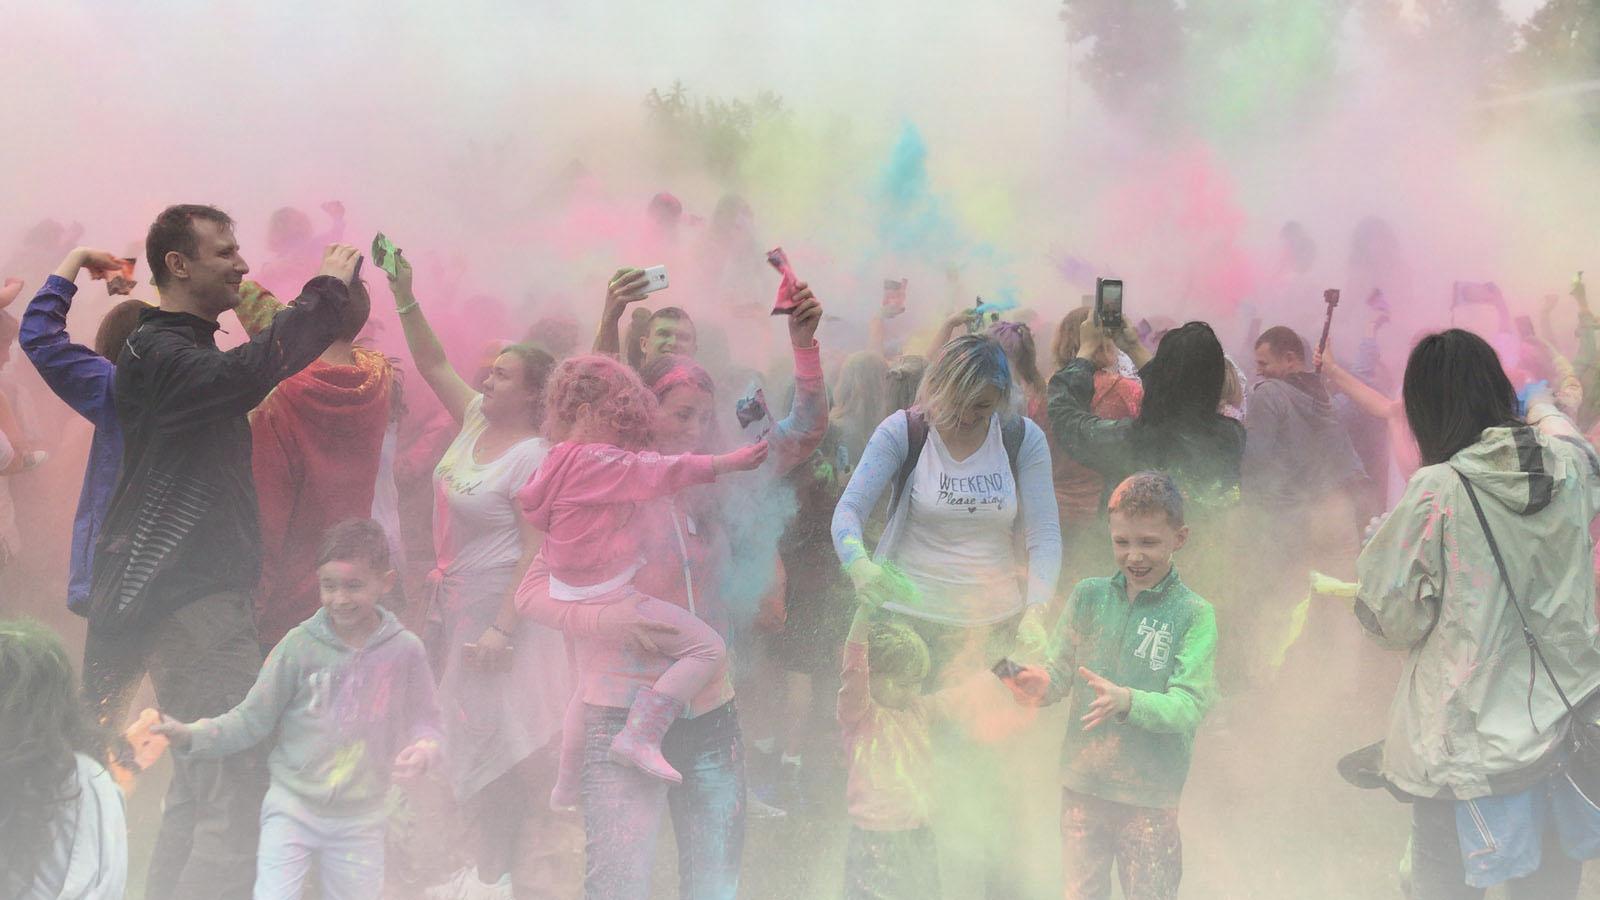 Impreza plenerowa - Festiwal Kolorów w Warszawie